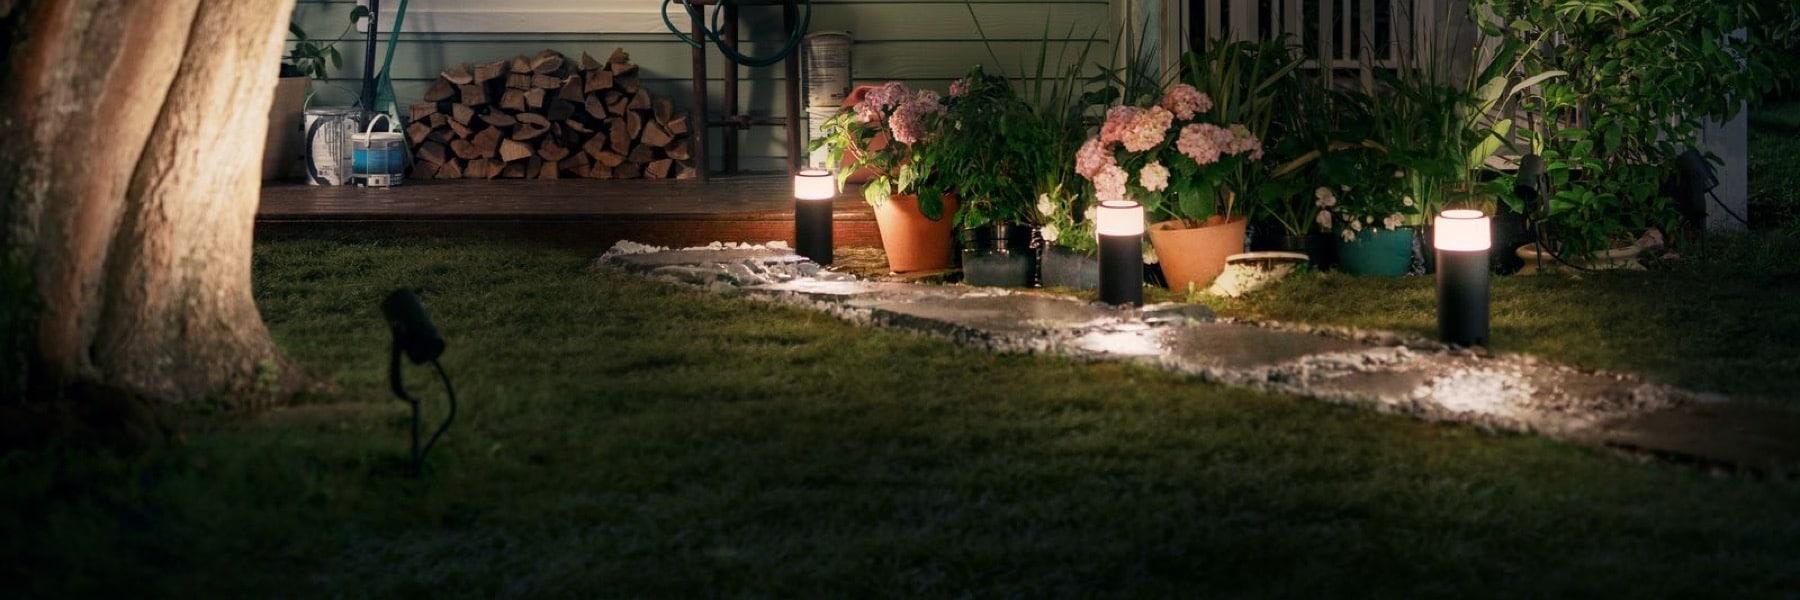 Philips Hue künftig mit Gartenbeleuchtung